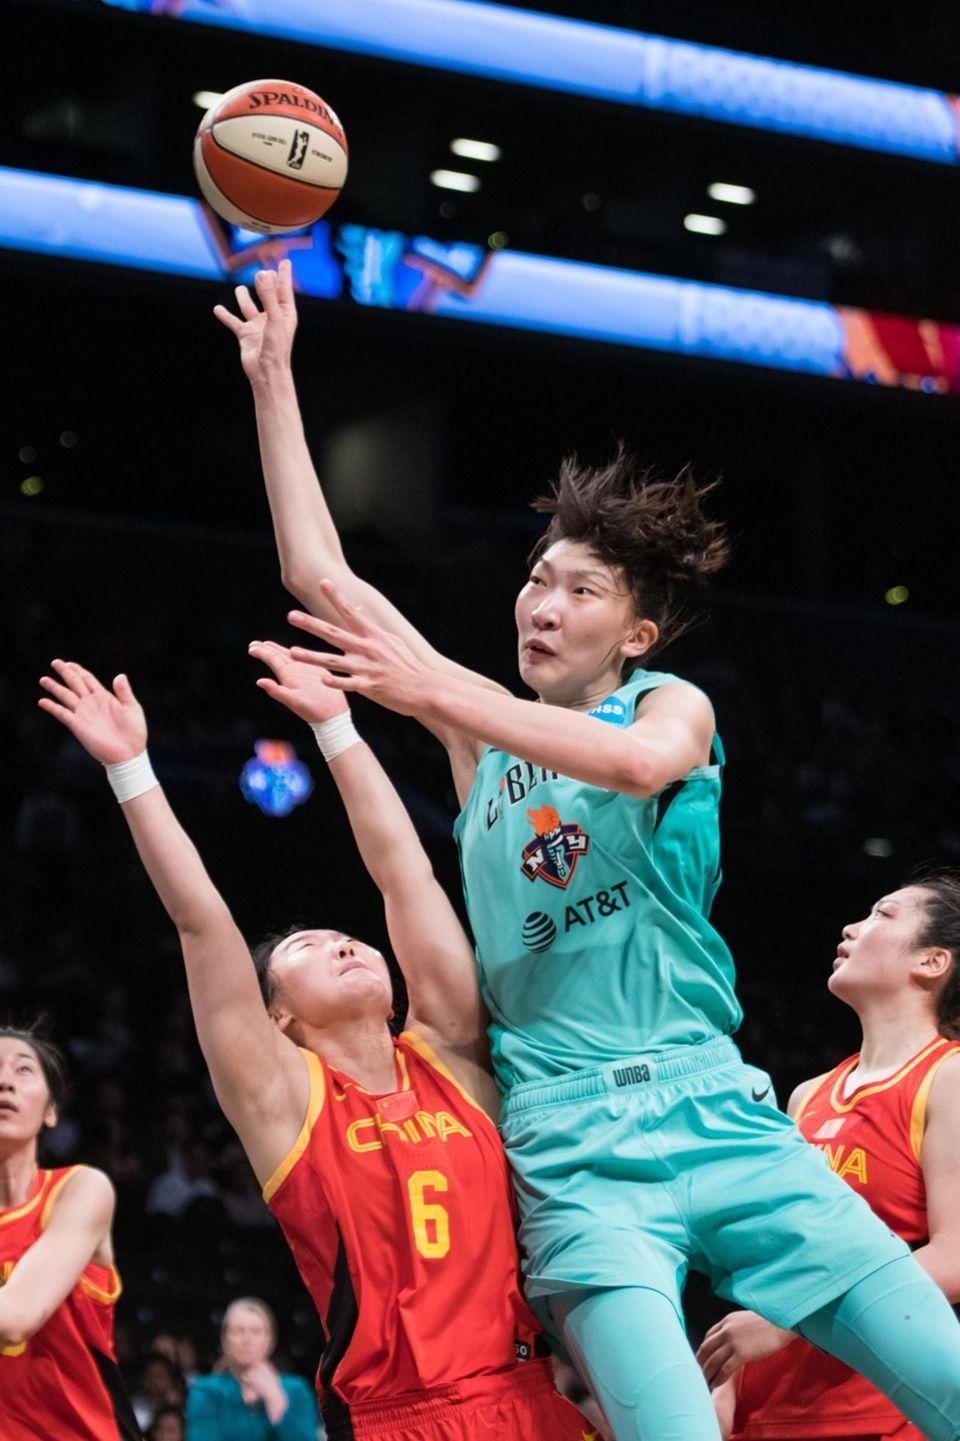 China National Team guard Wu Tongtong (#6) defends